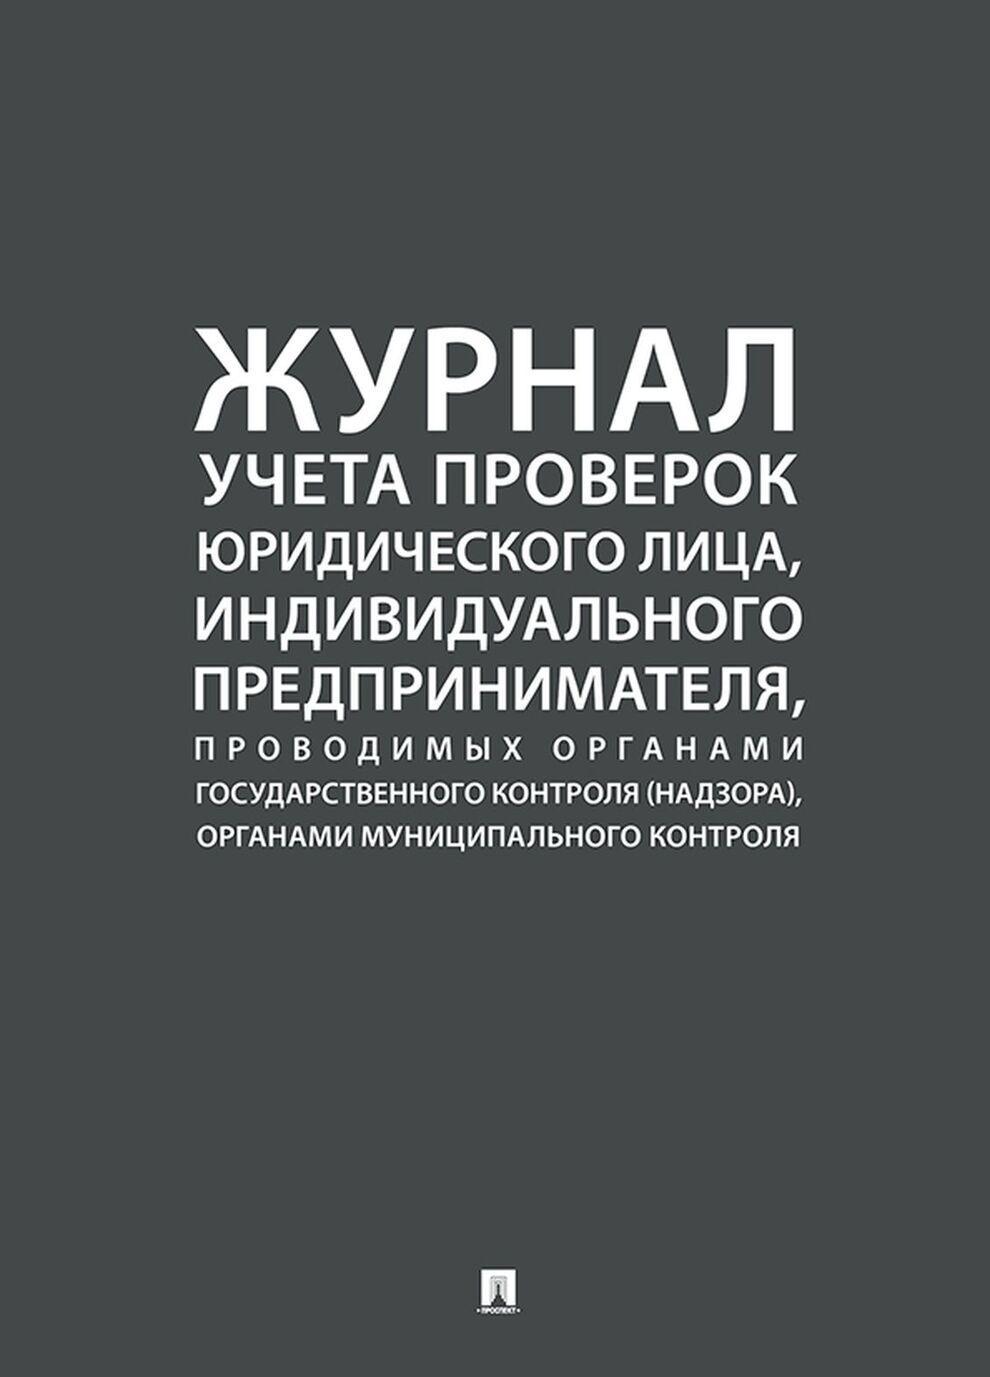 Zhurnal ucheta proverok jur.litsa, individ. predprinimatelja, provodimykh organami gos.kontrolja (nadzora), organami munitsip. kontrolja.